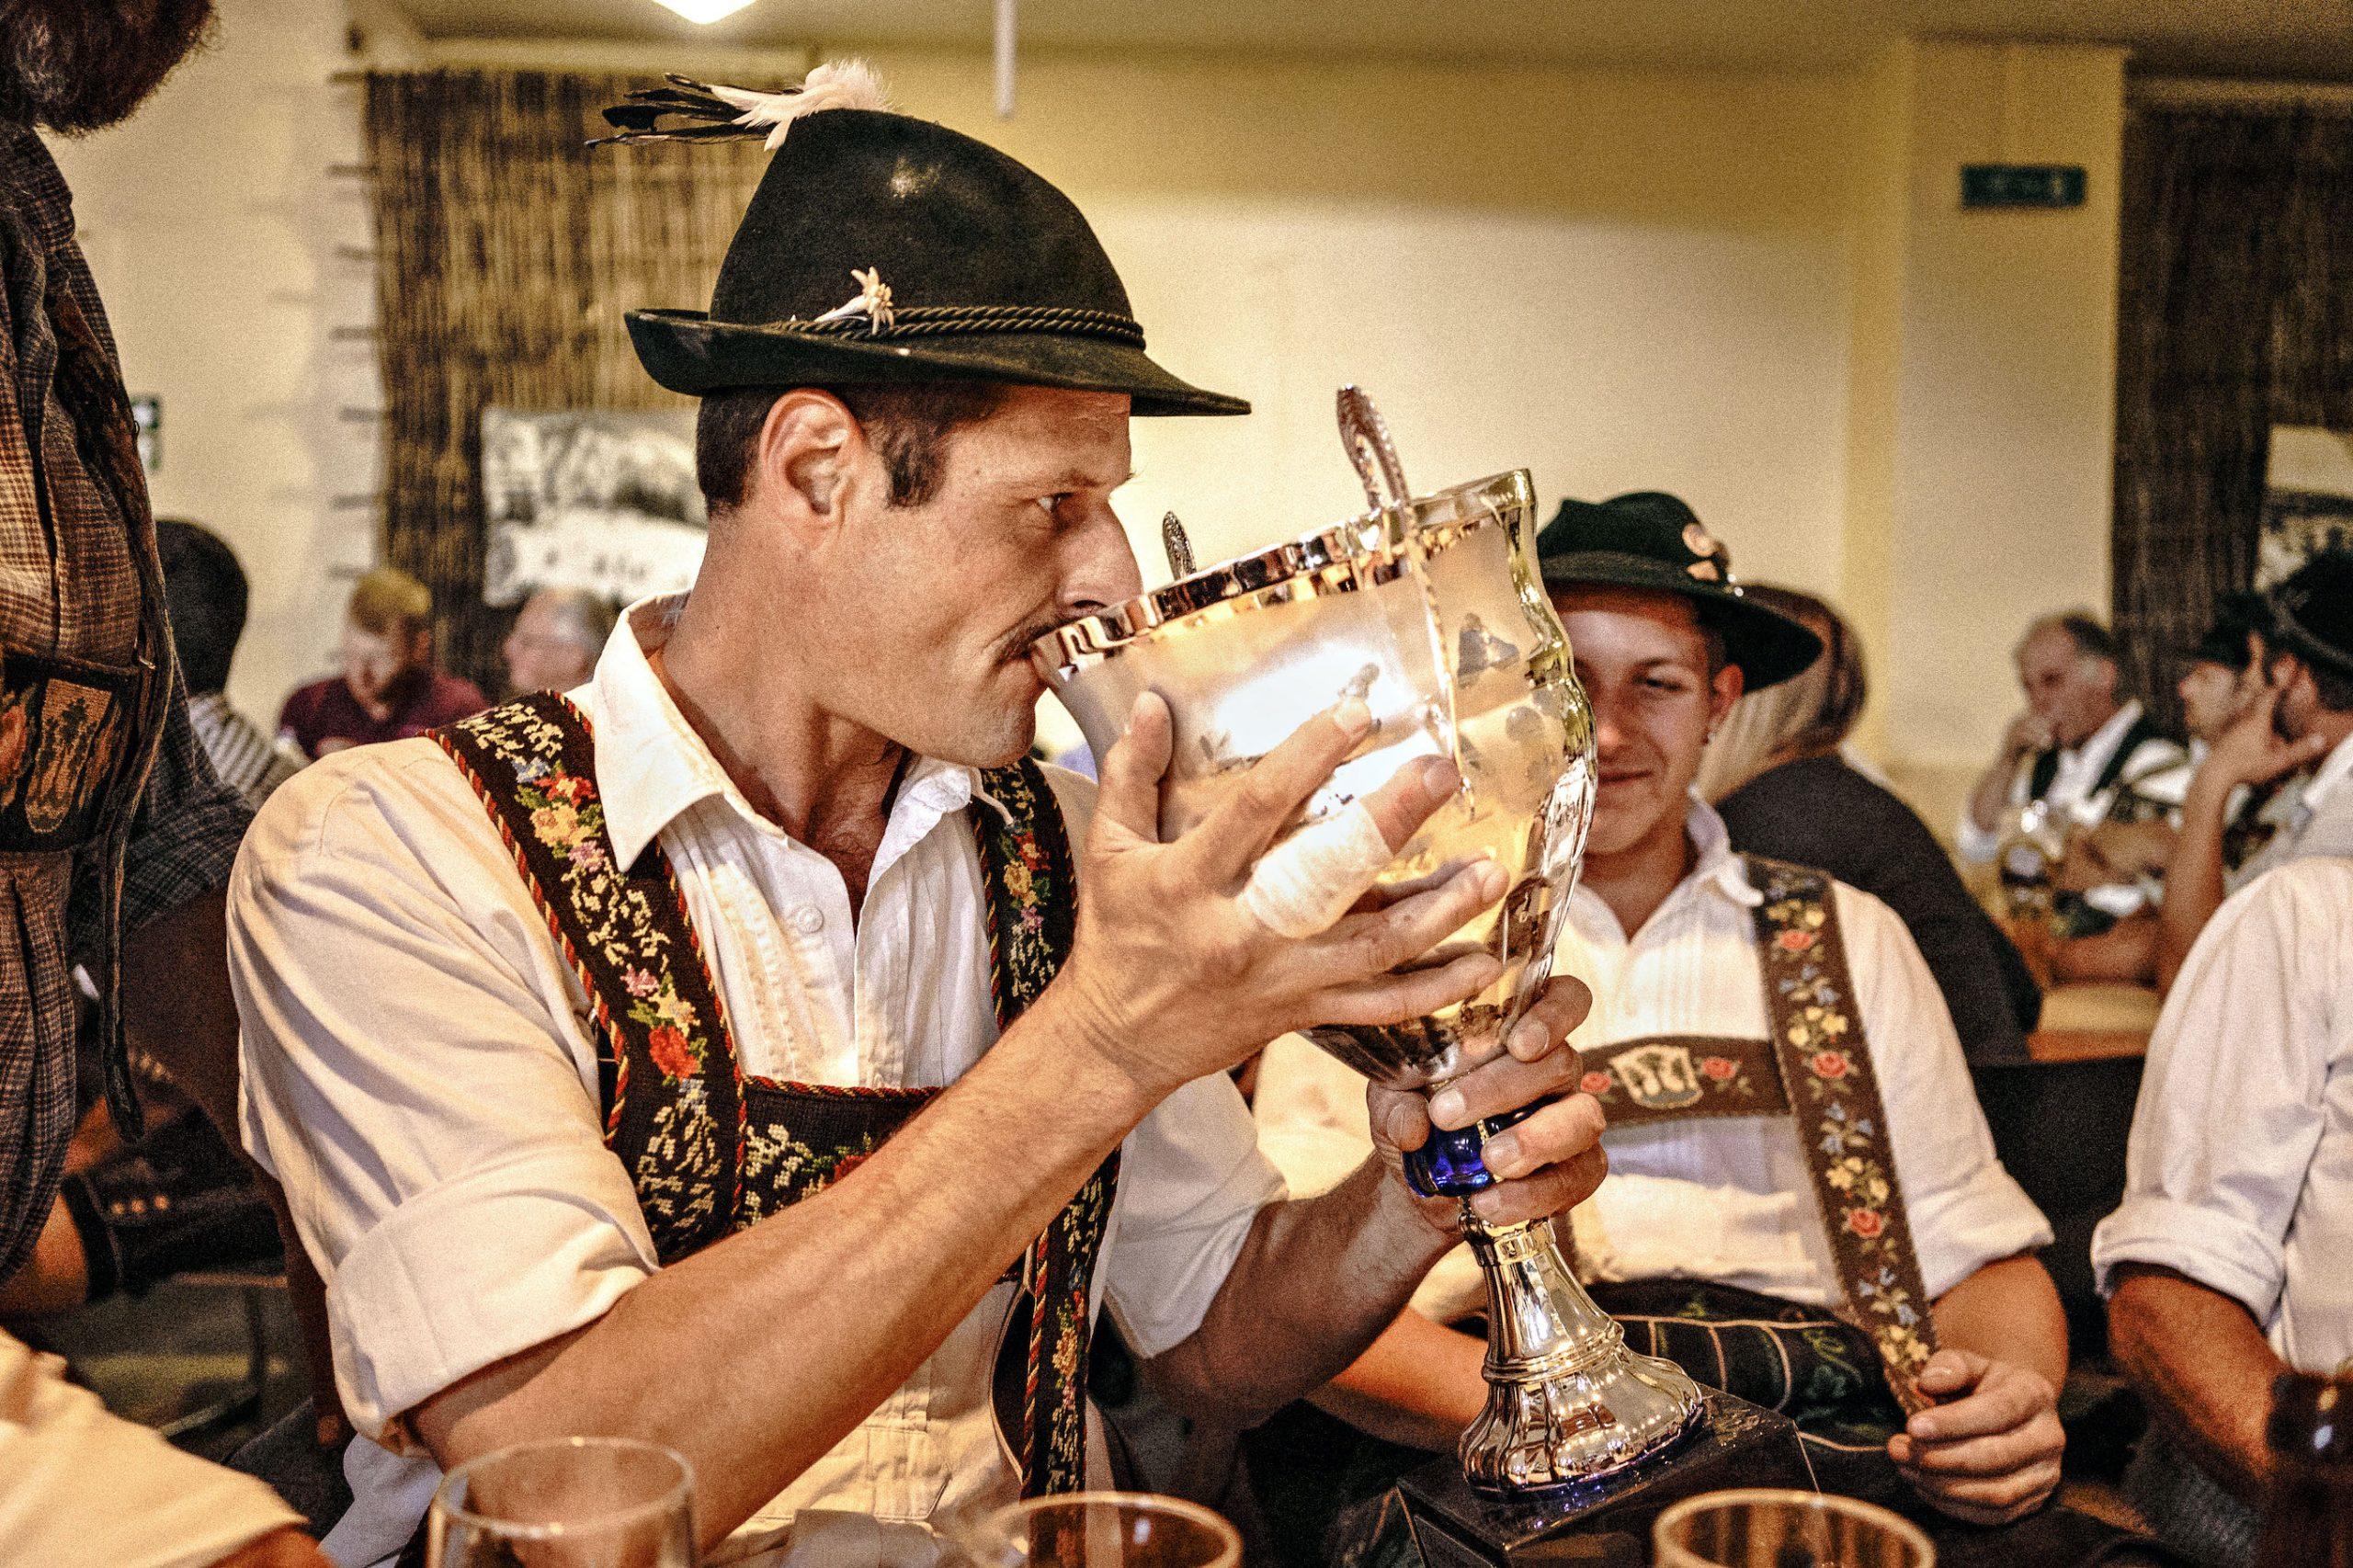 Ein Fingerhakler in Tracht trinkt aus einem Pokal.